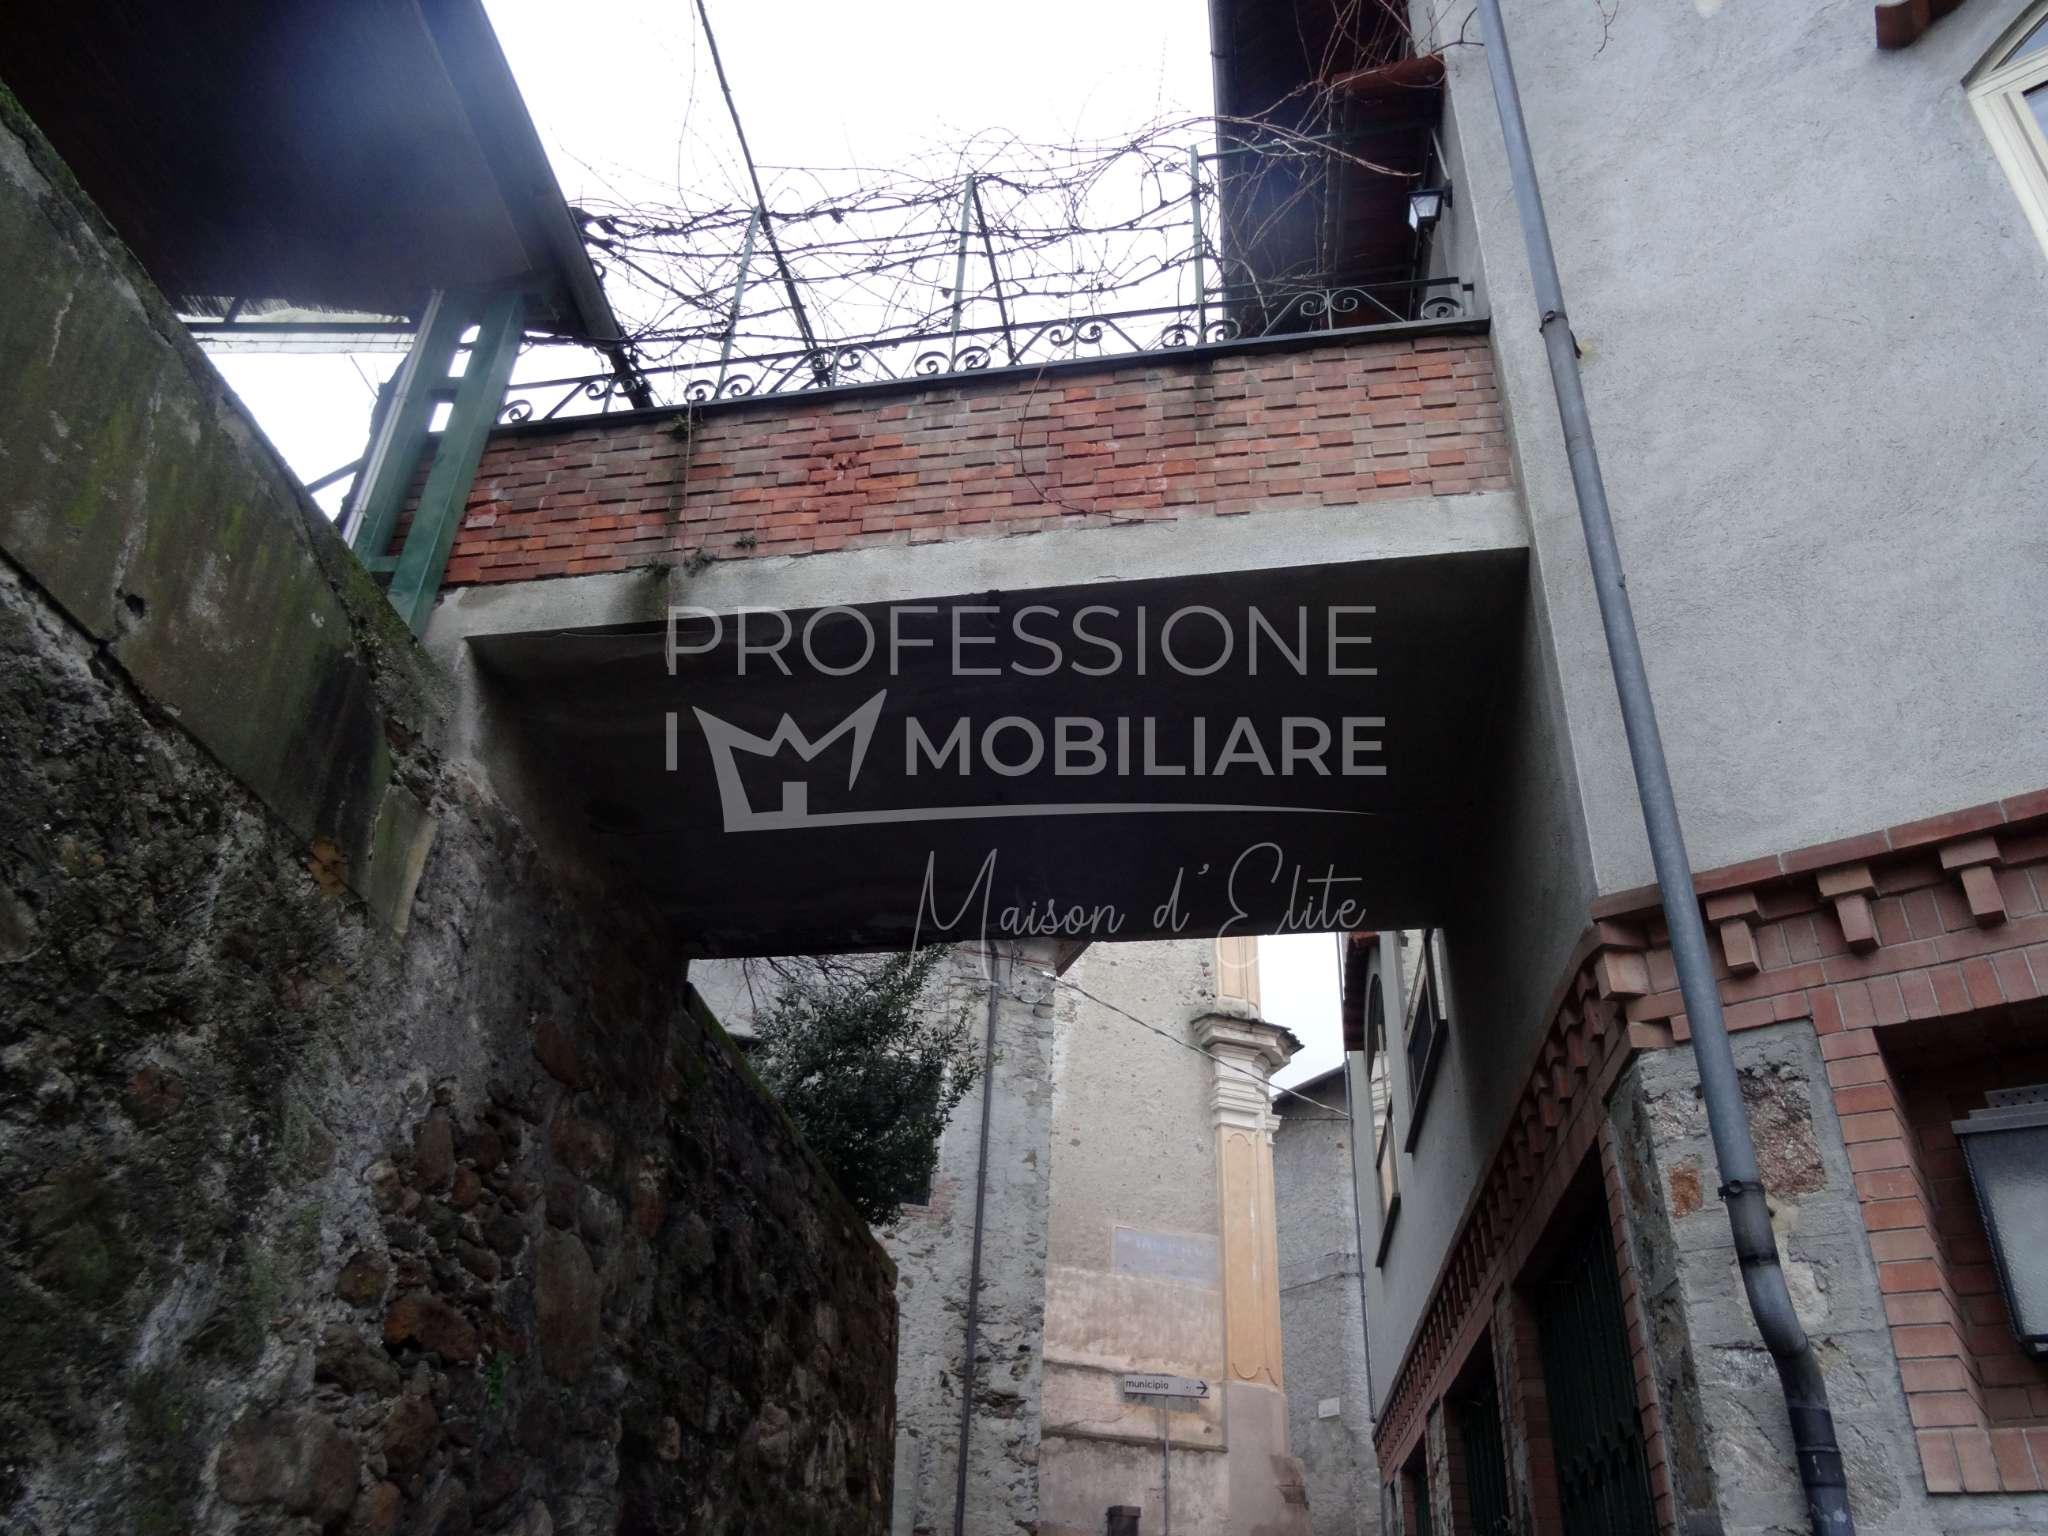 Quassolo Vendita PORZIONE DI CASA Immagine 3